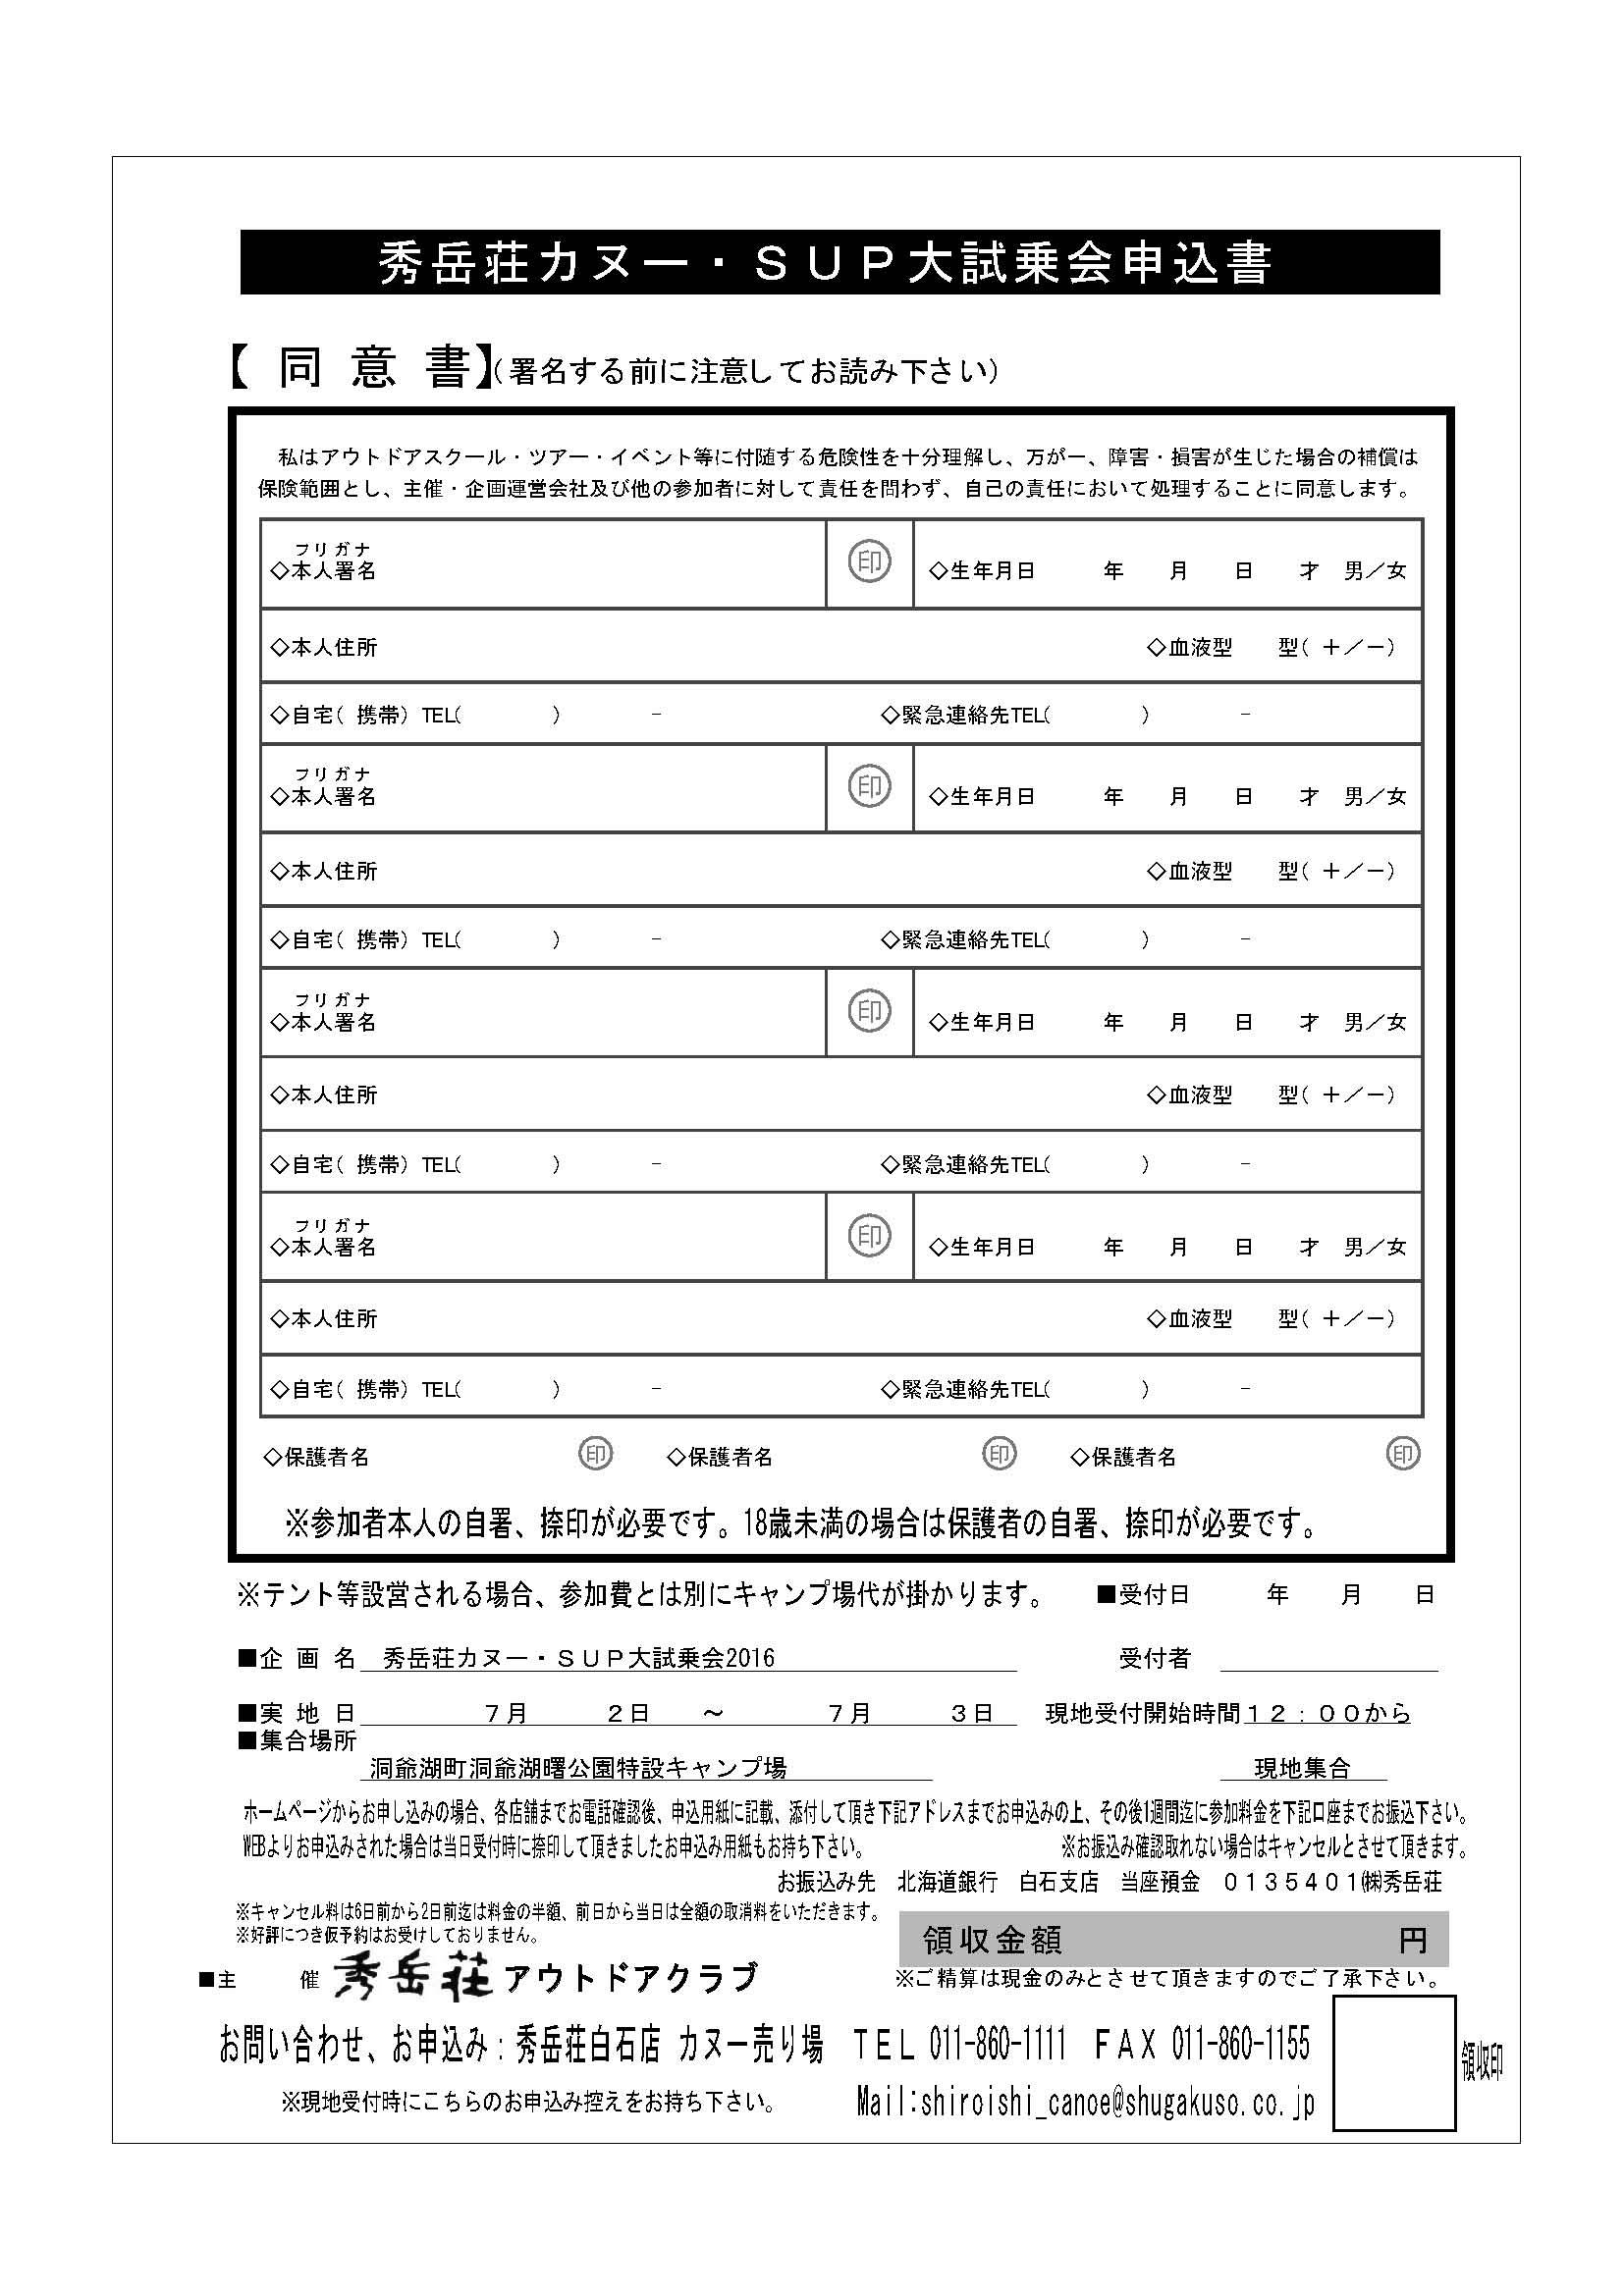 募集開始!秀岳荘カヌー・SUP大試乗会~パドラーズミーティング2016~_d0198793_1045177.jpg